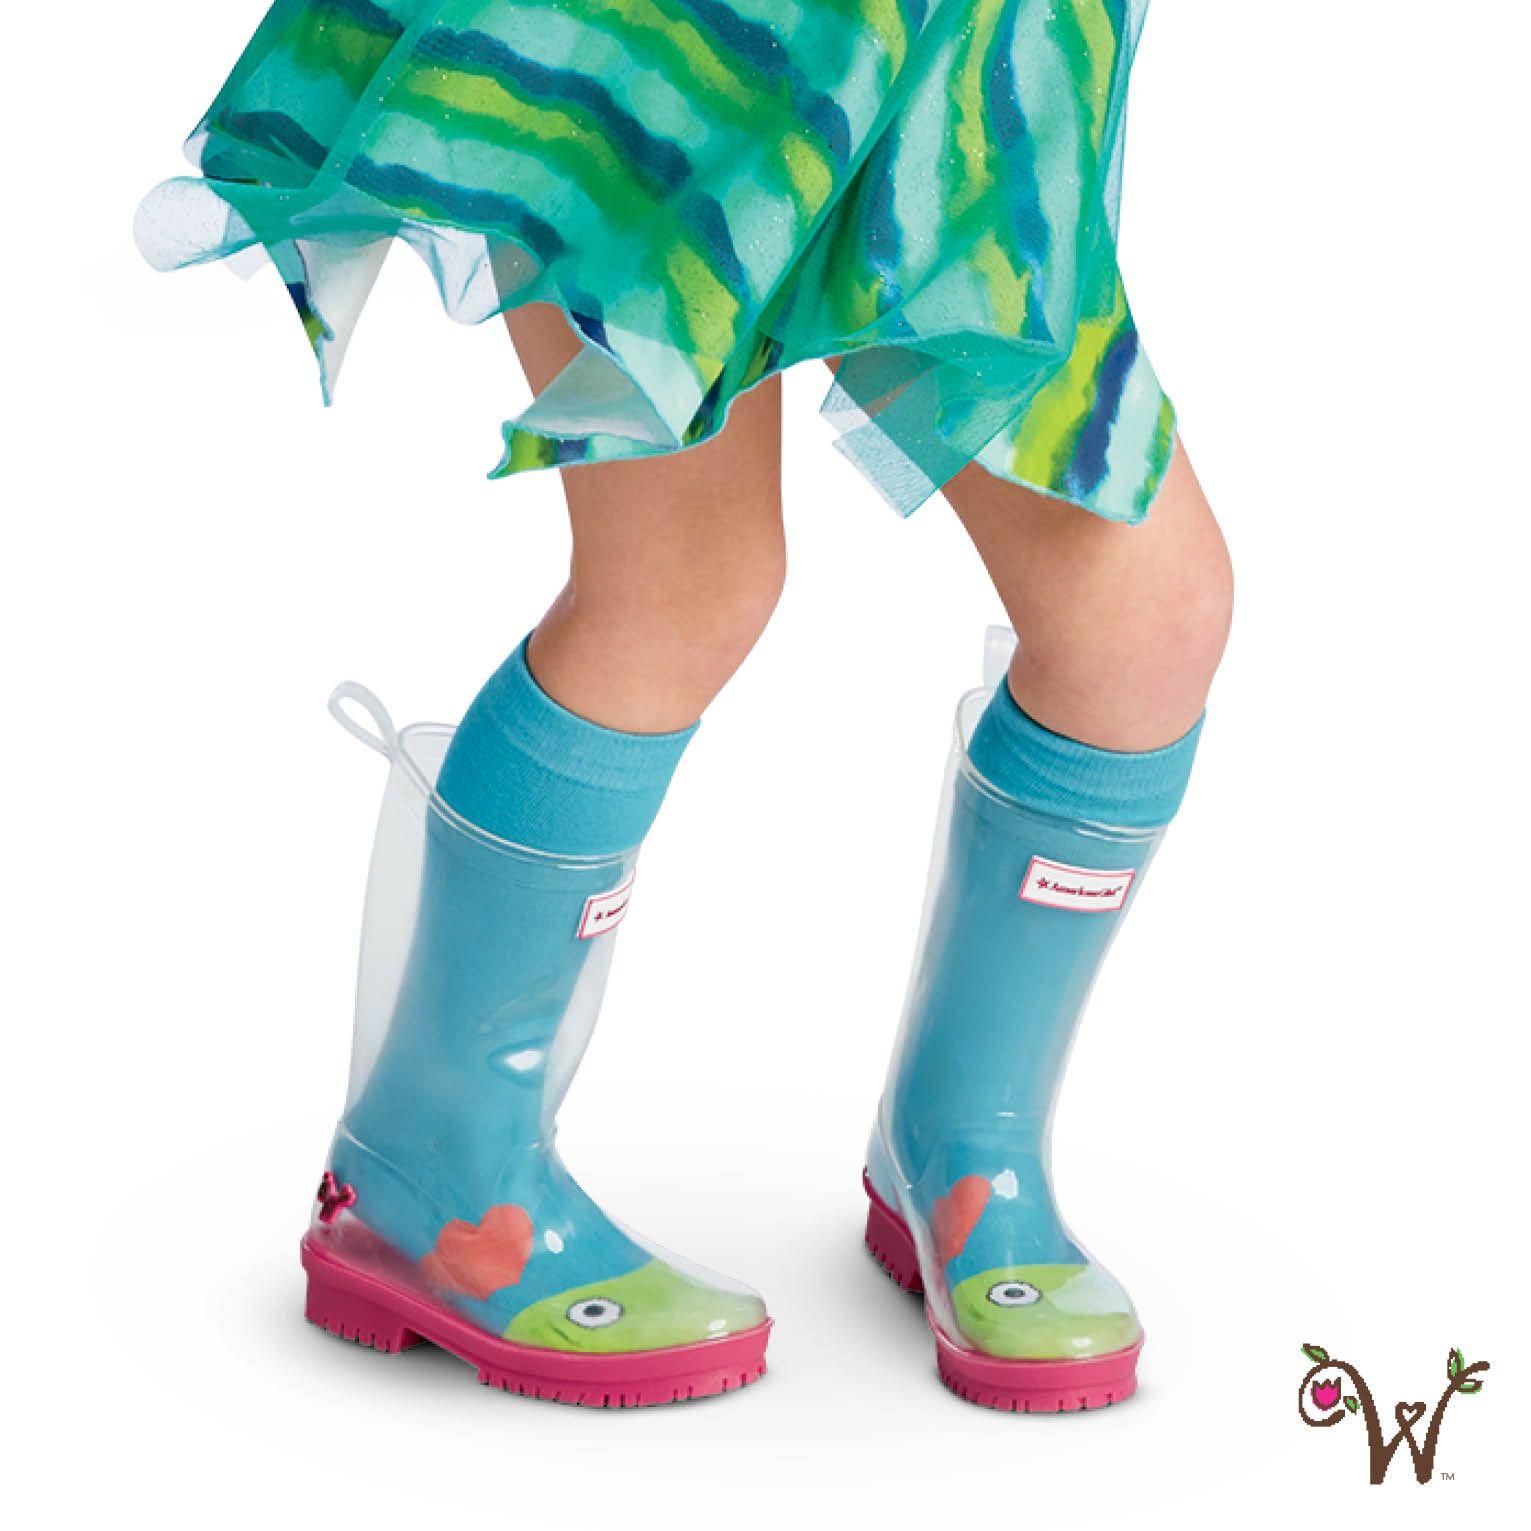 Peek-a-Boo Wellies for Girls   American